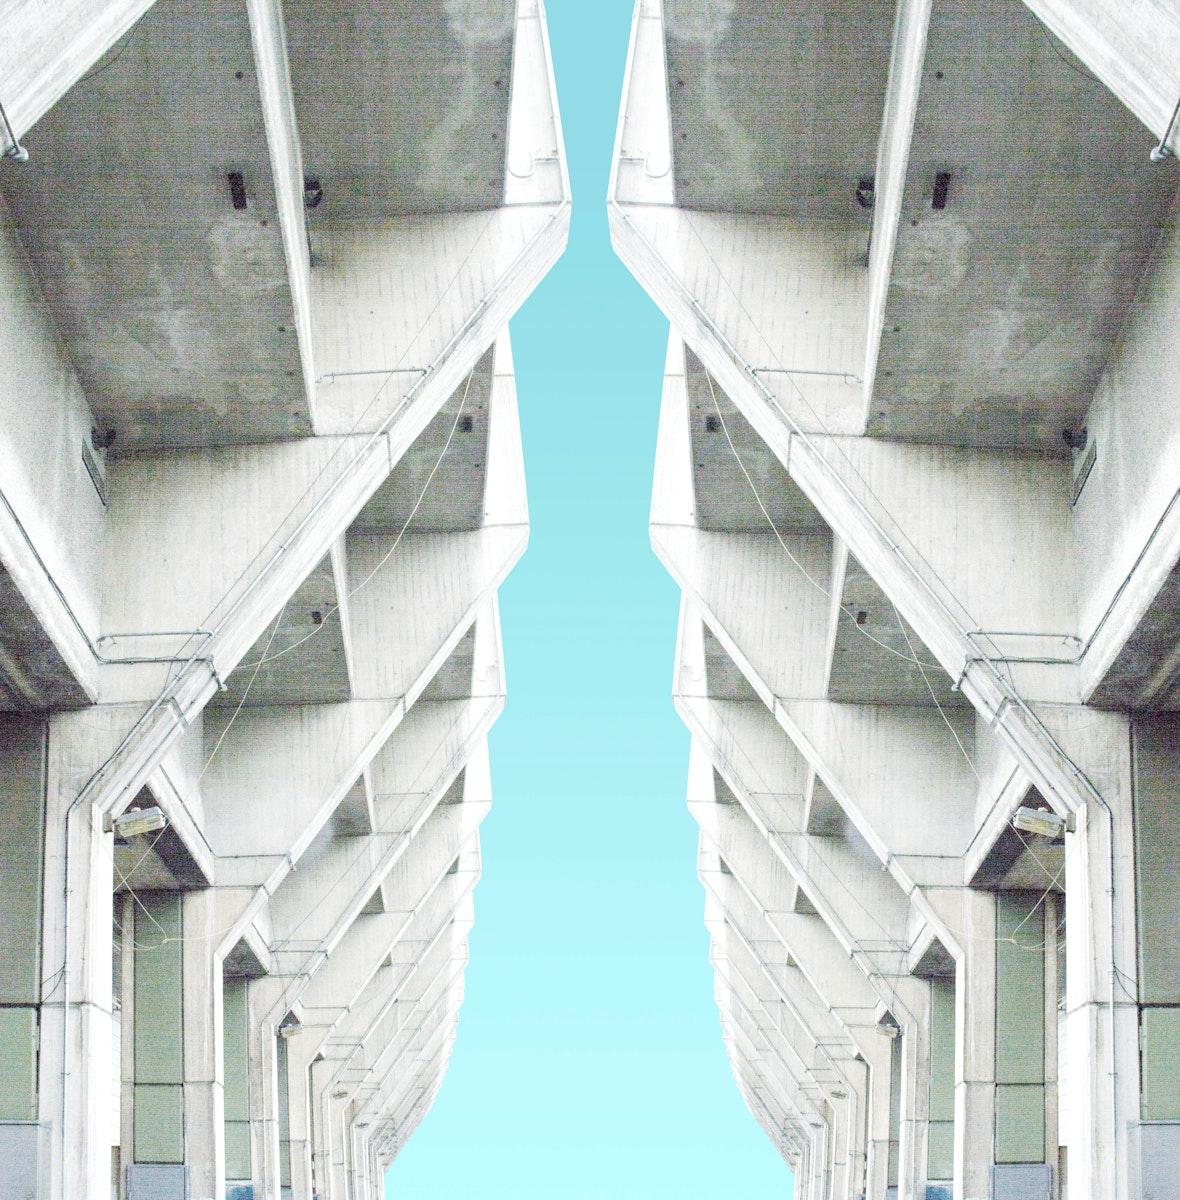 Concrete maze in London, United Kingdom